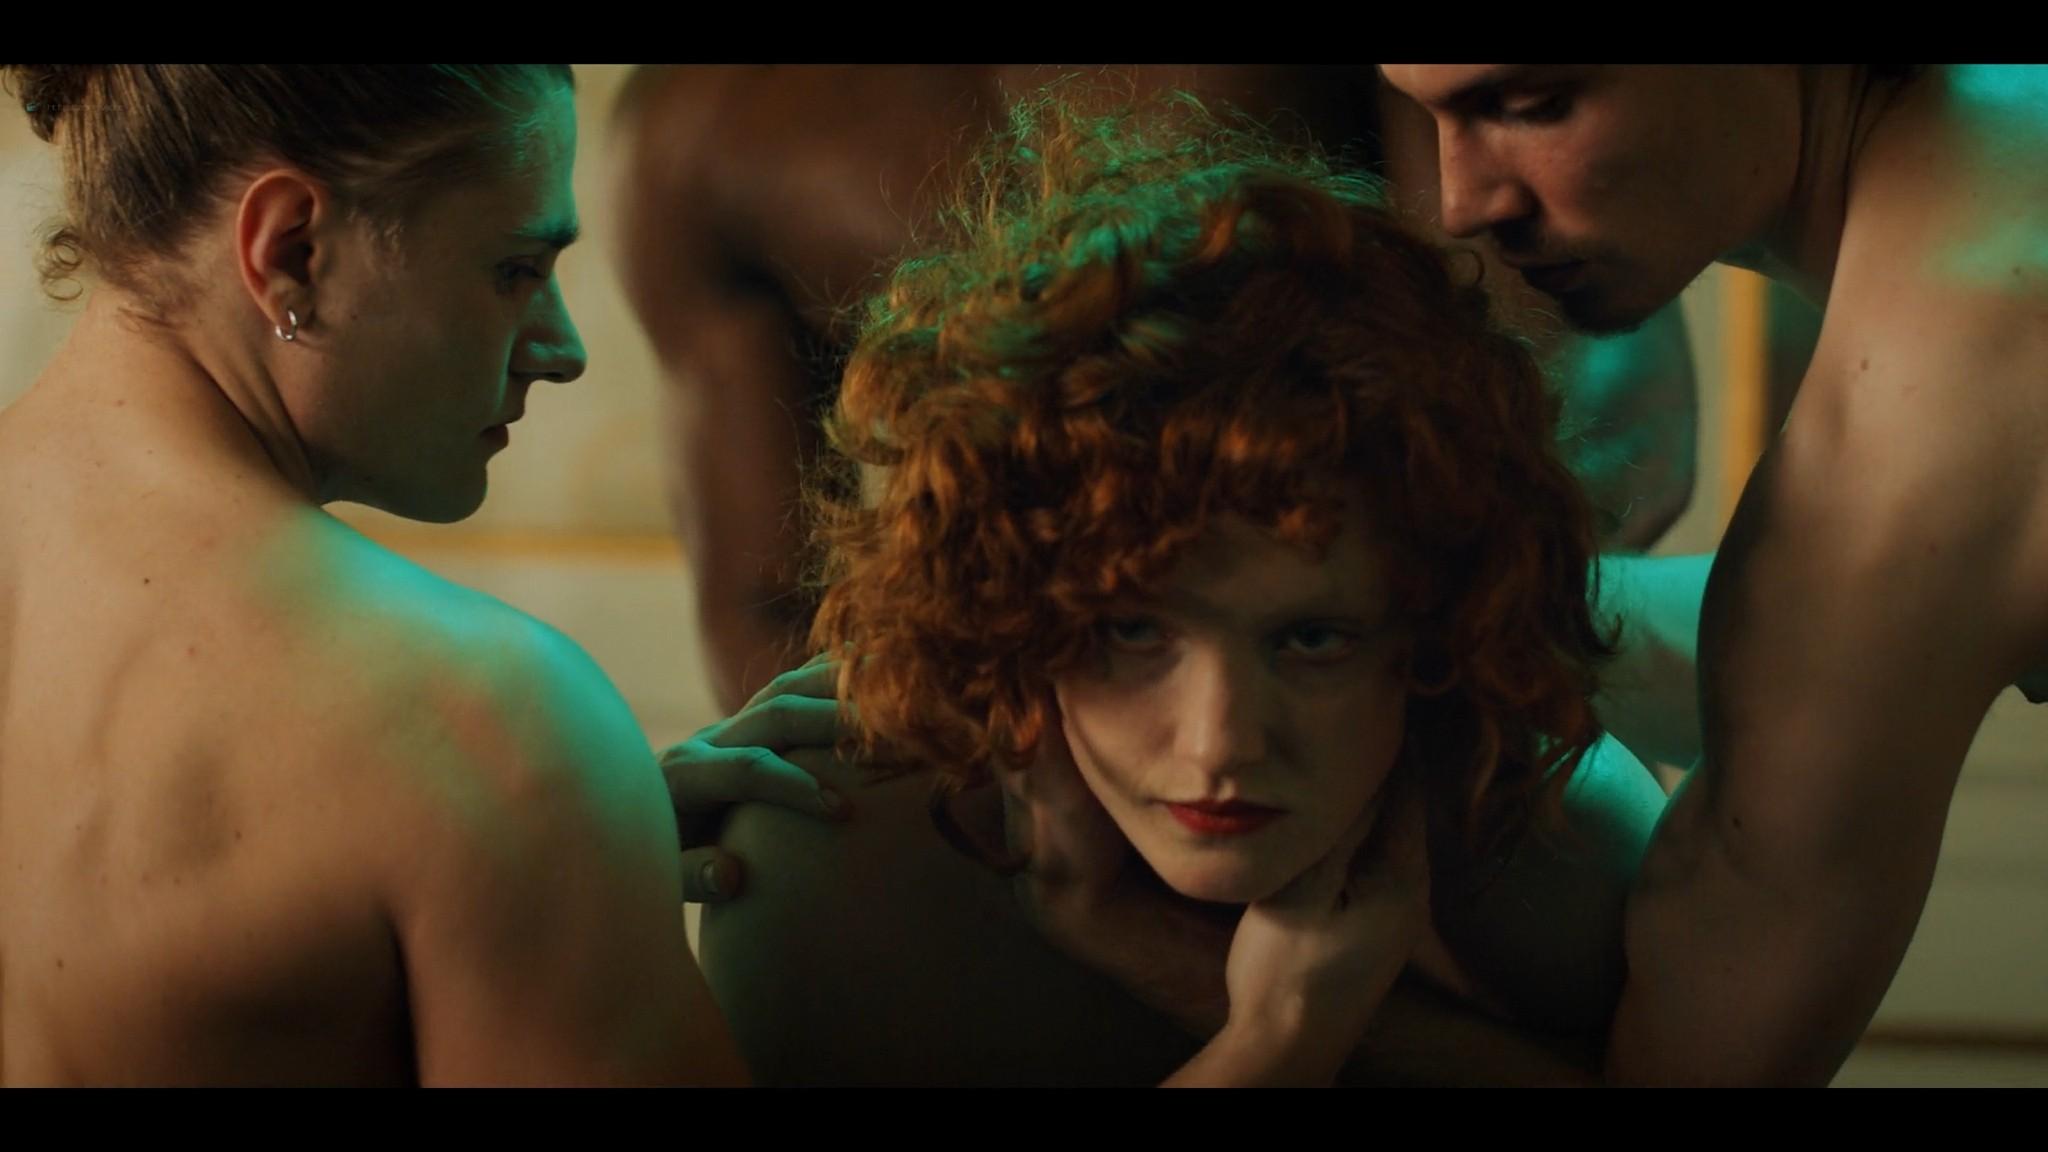 Anne-Laure Vandeputte nude topless Nienke van Hofslot nude sex etc - Women of the Night (2019) s1e7-10 HD 1080p (12)